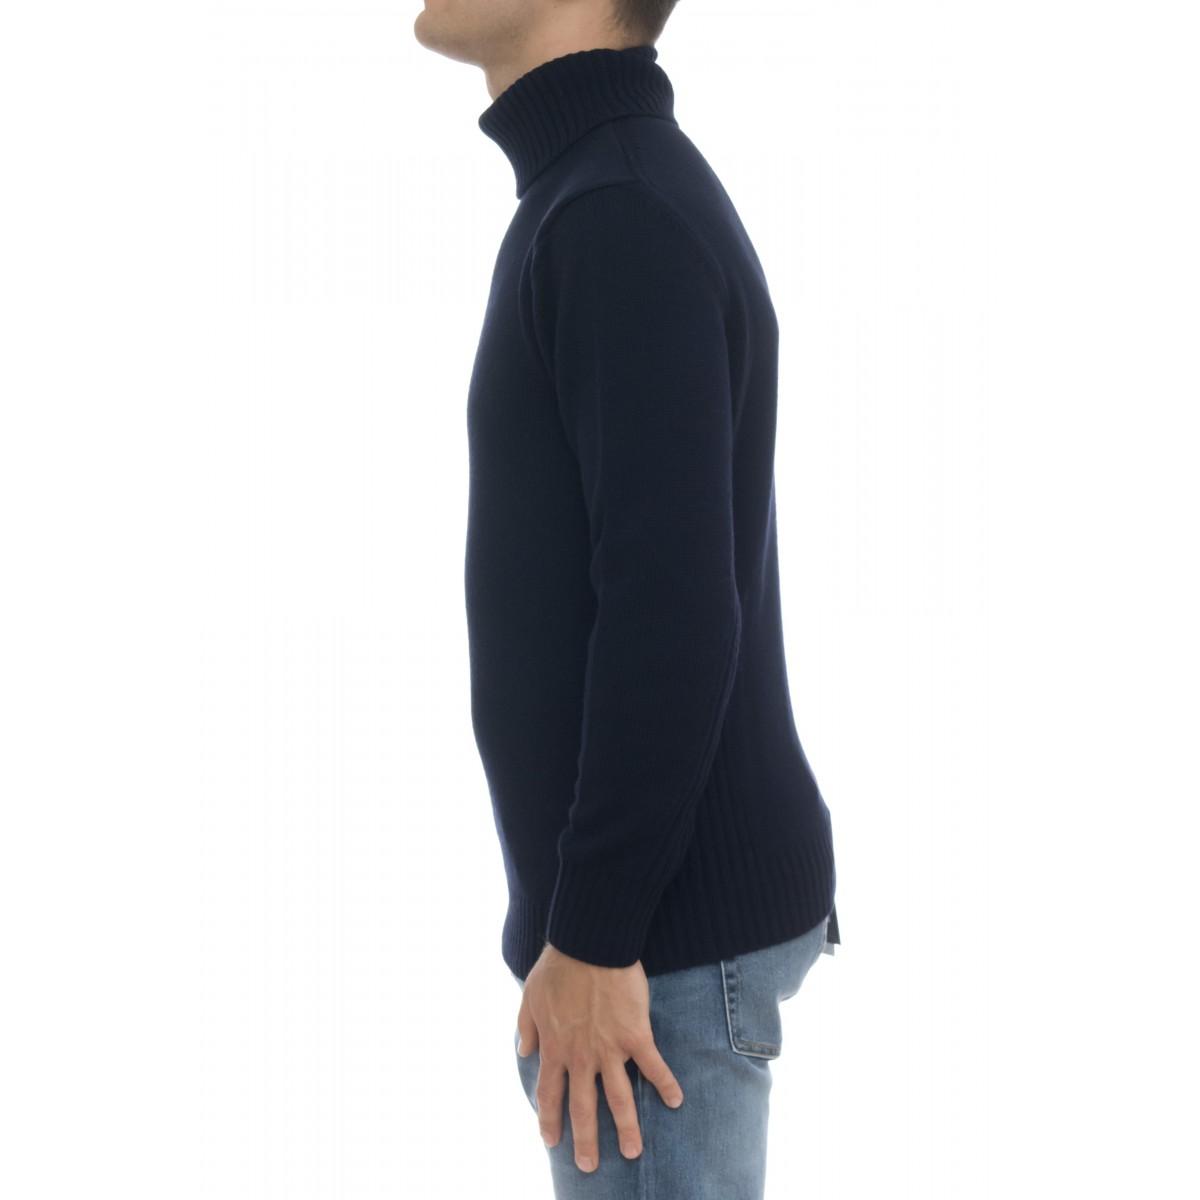 Maglia uomo - 8104/05 maglia collo alto 100% merinos